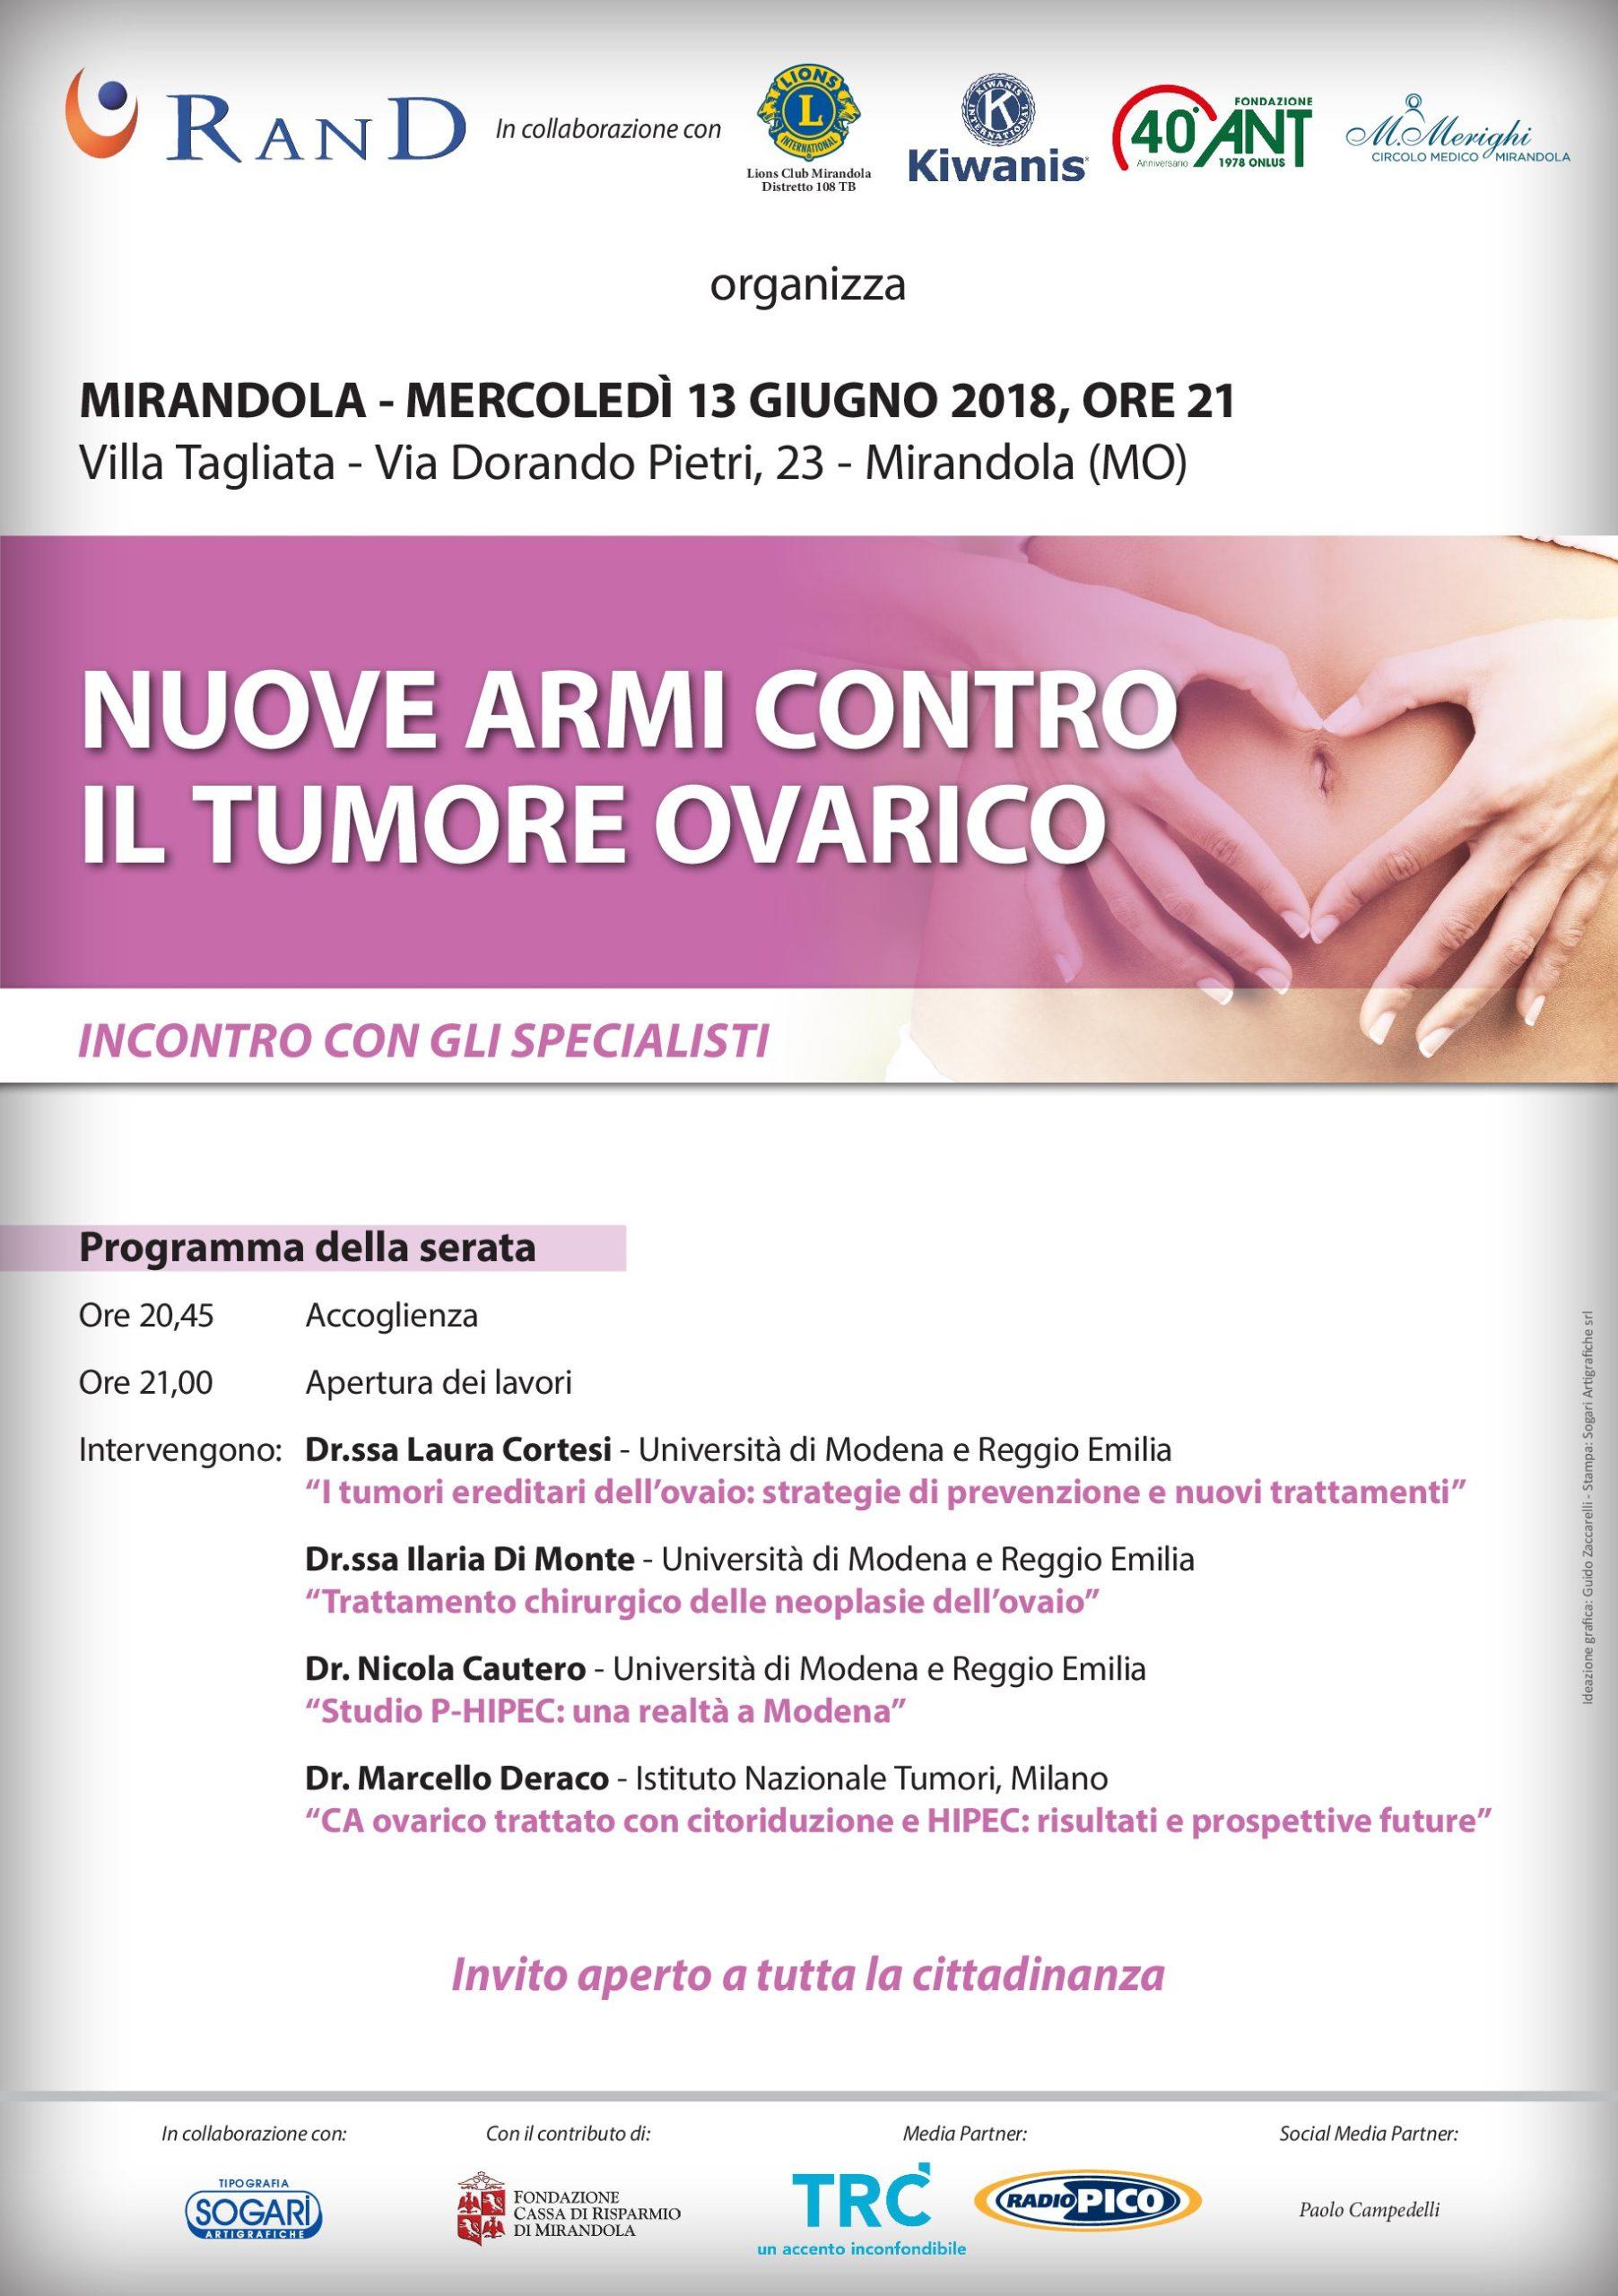 Nuove_armi_contro_il_tumore_ovarico_13_Giugno_2018-1